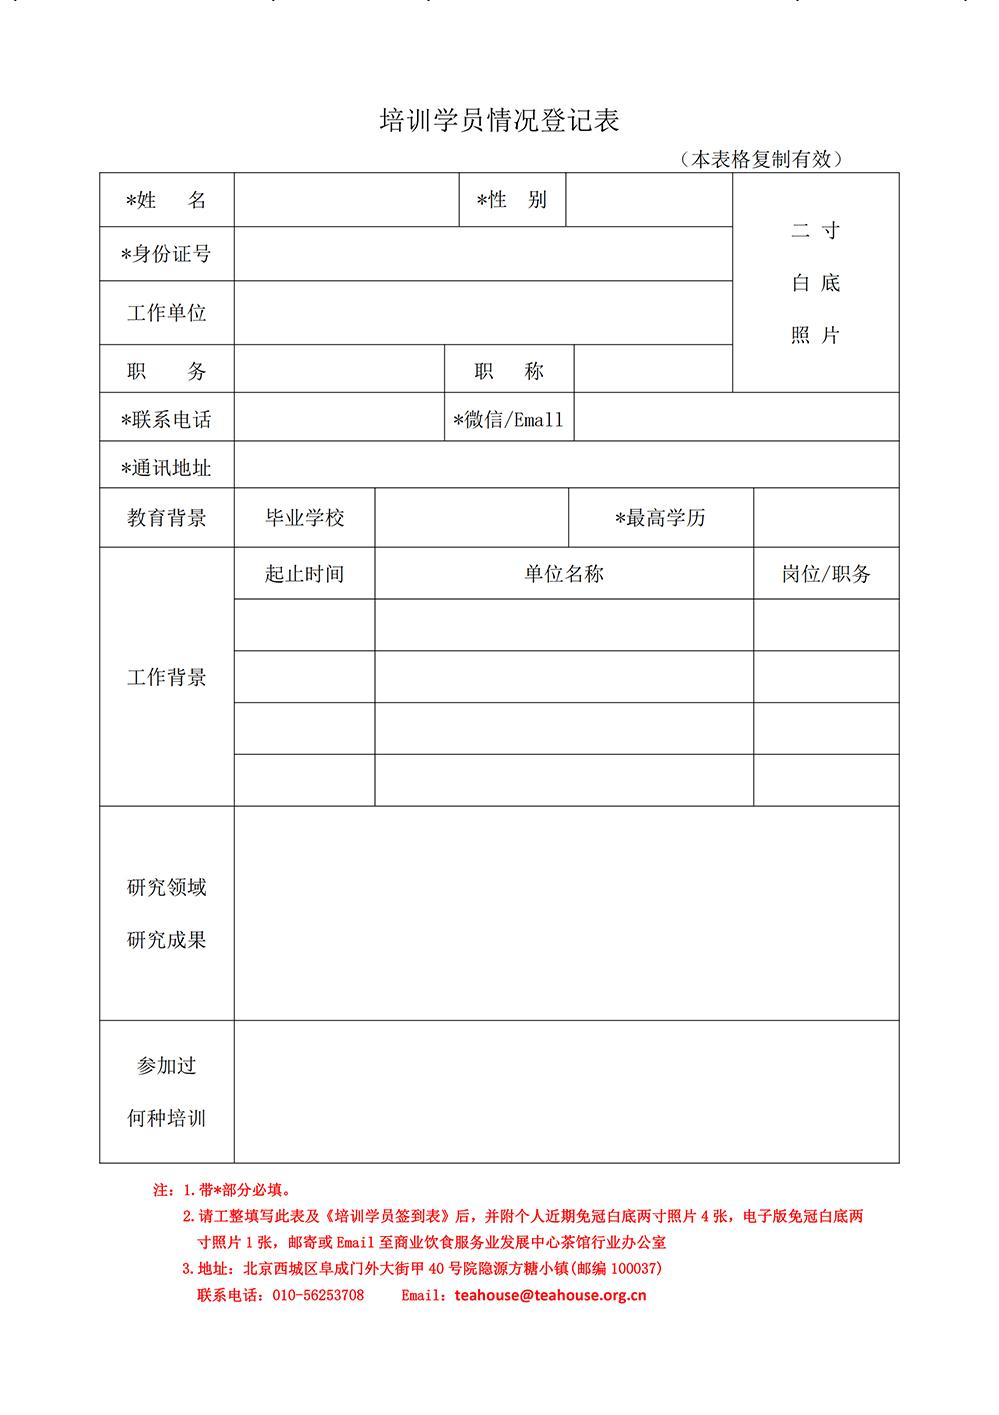 培训学员情况登记表.jpg